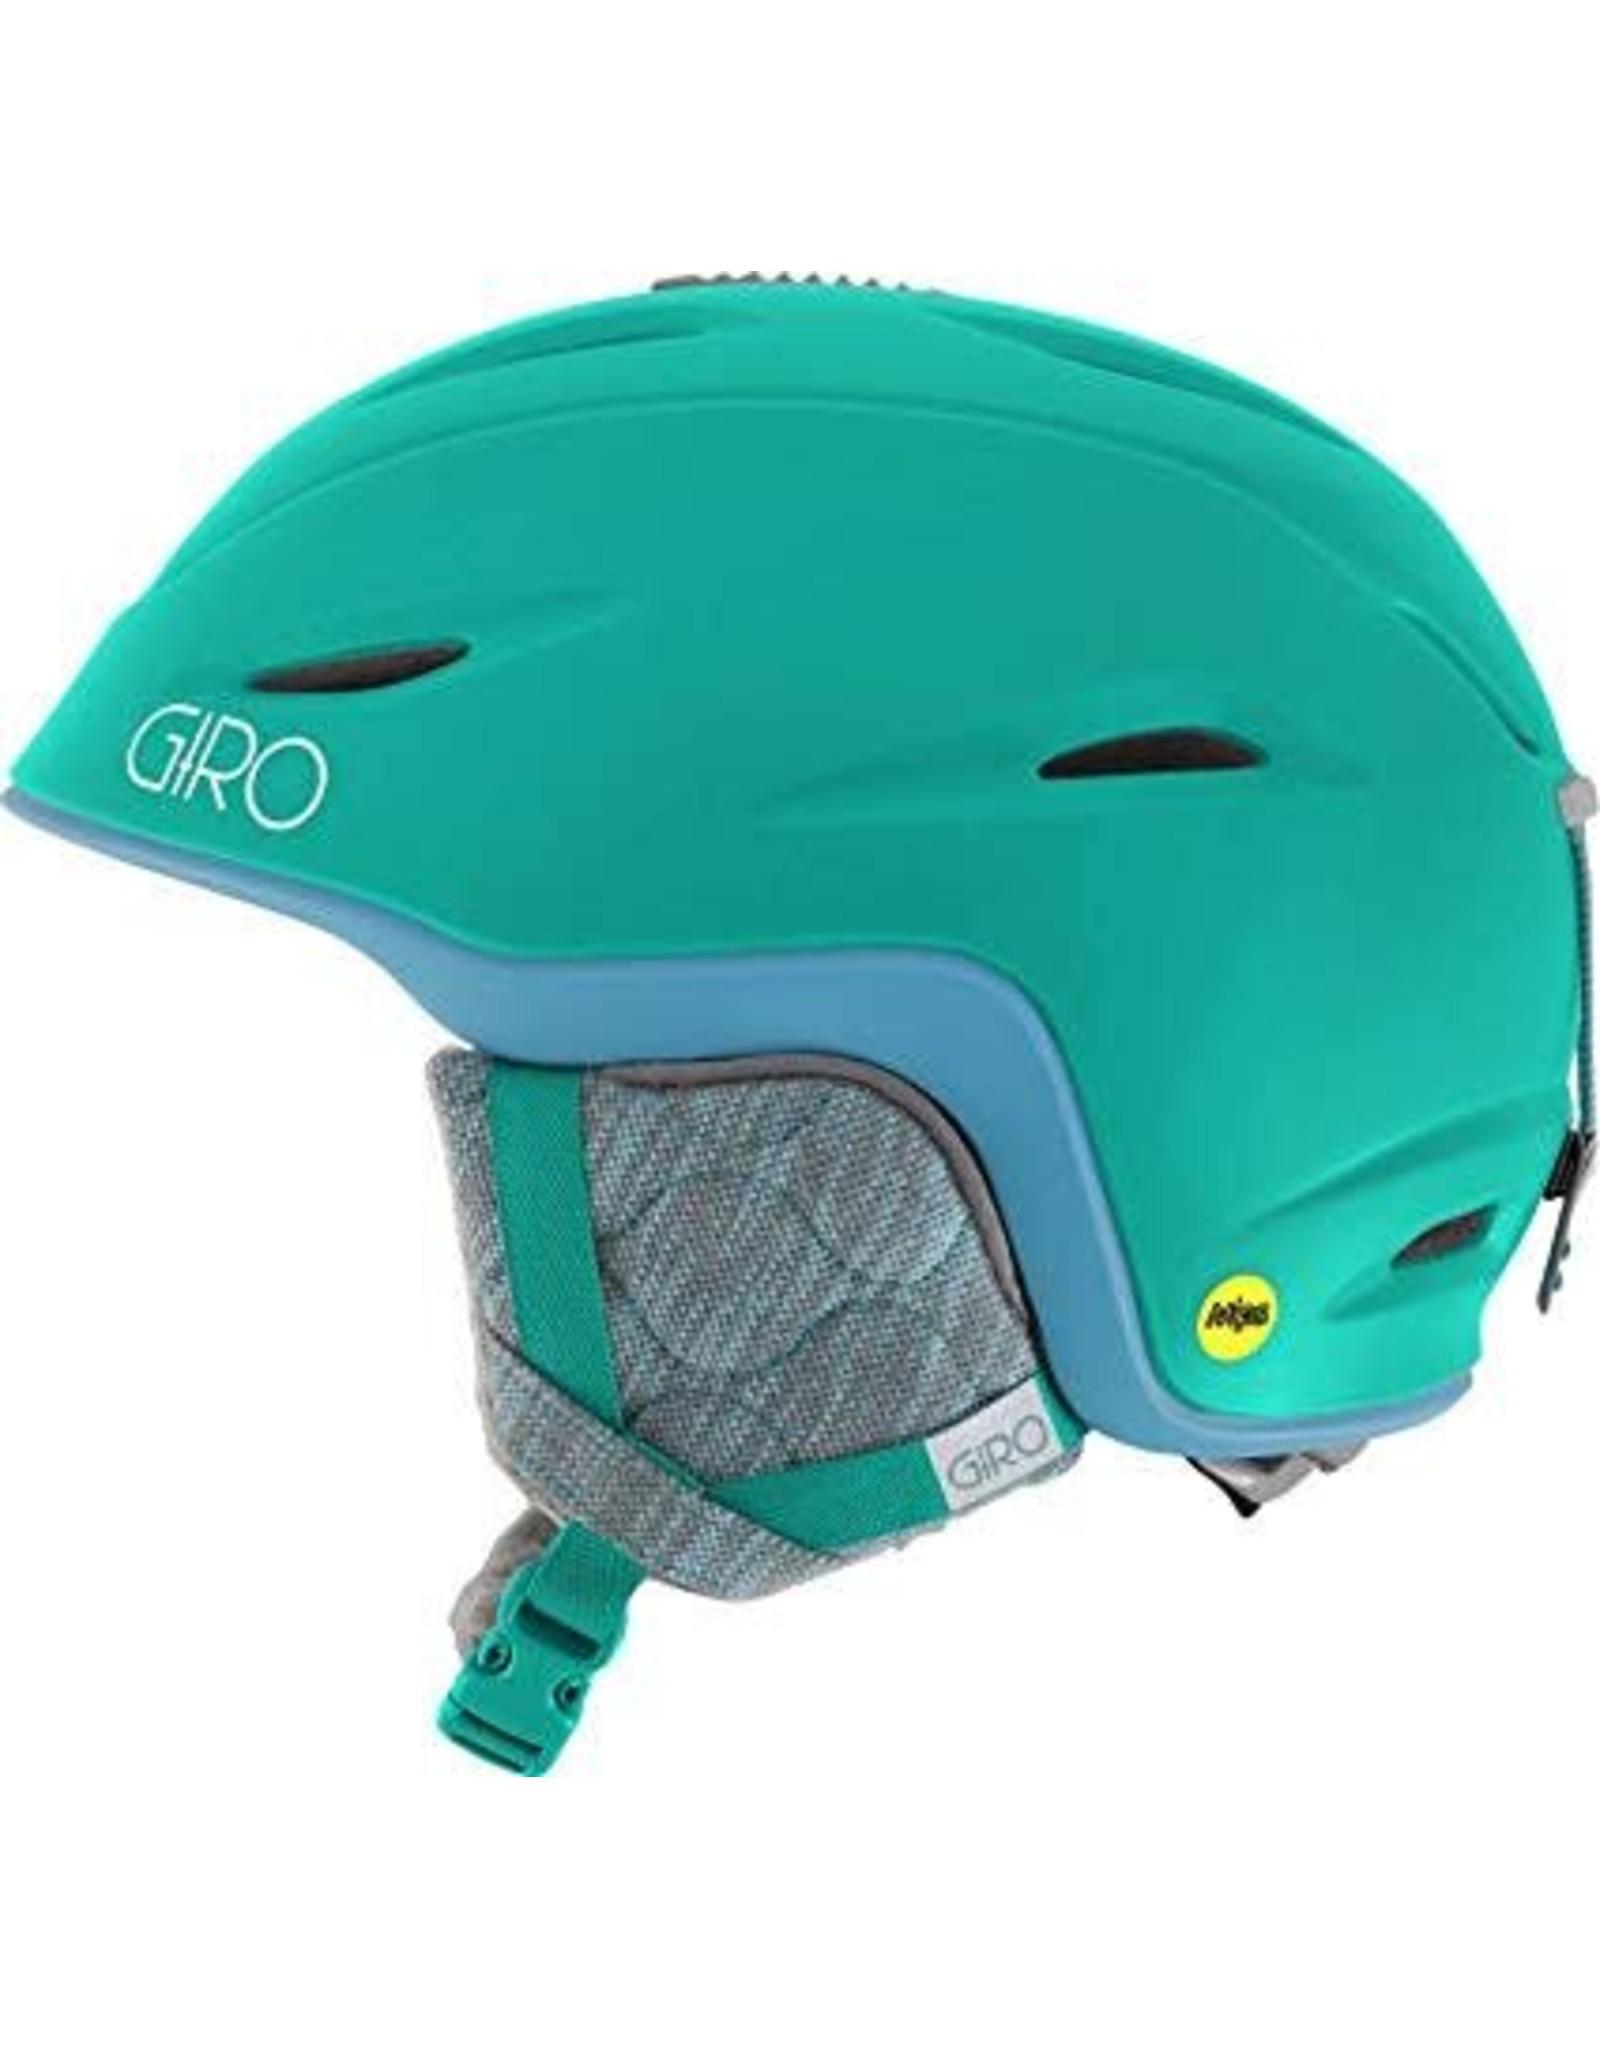 Giro GIRO W Fade Mips F17